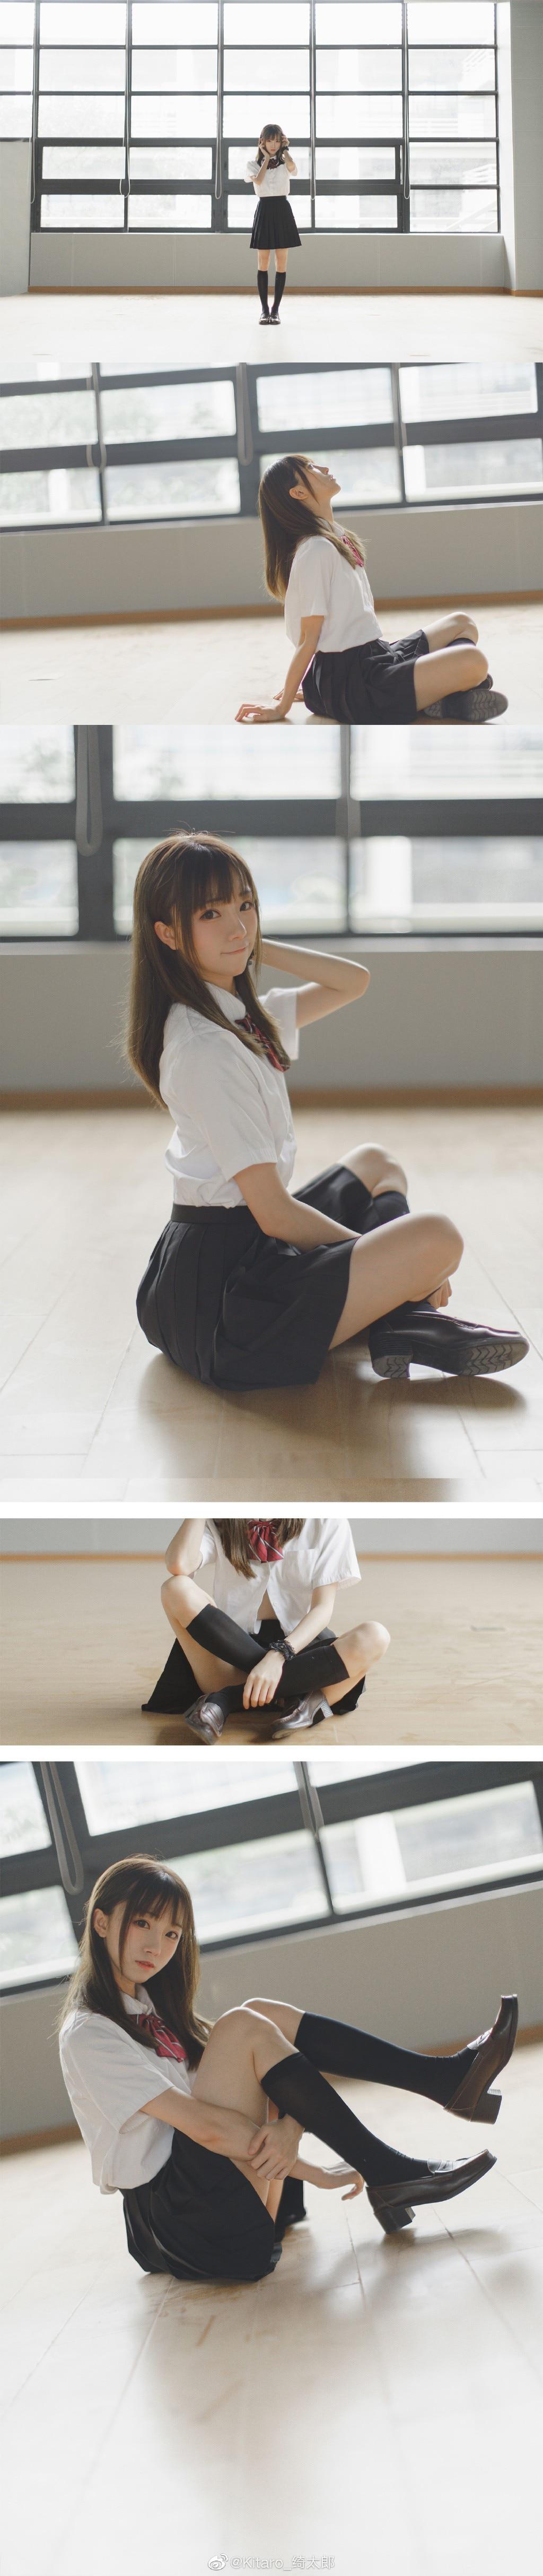 国内少女JK写真:Kitaro_绮太郎 最新写真-萌宅社|一个ACG资源基地、绅士之家Σ(゜ロ゜;)